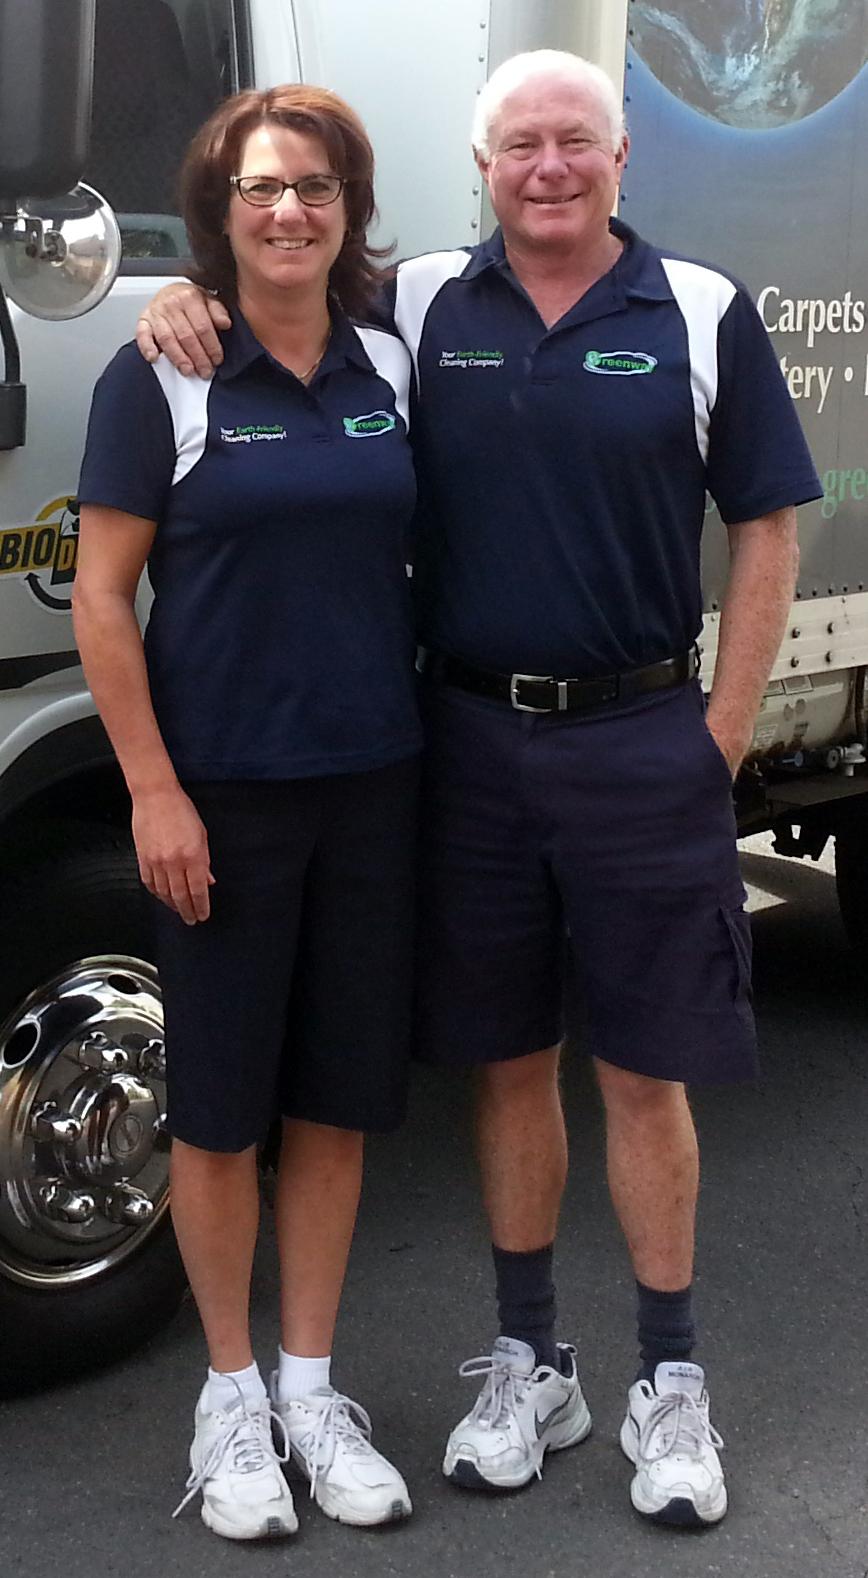 Robert and Lori Green